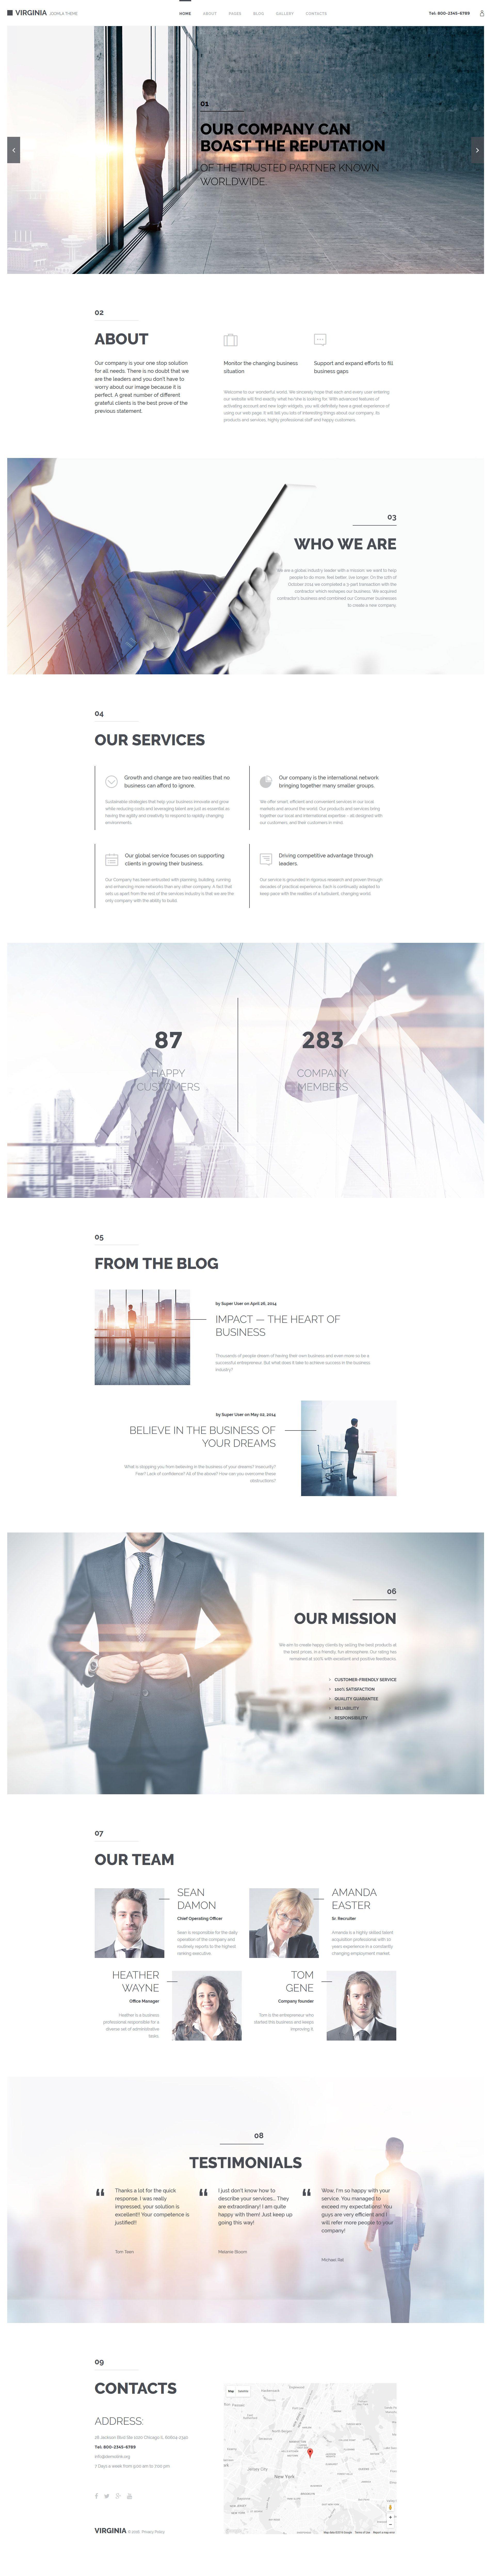 Virginia Joomla Theme Corporate Web Design Web Layout Design Website Design Inspiration